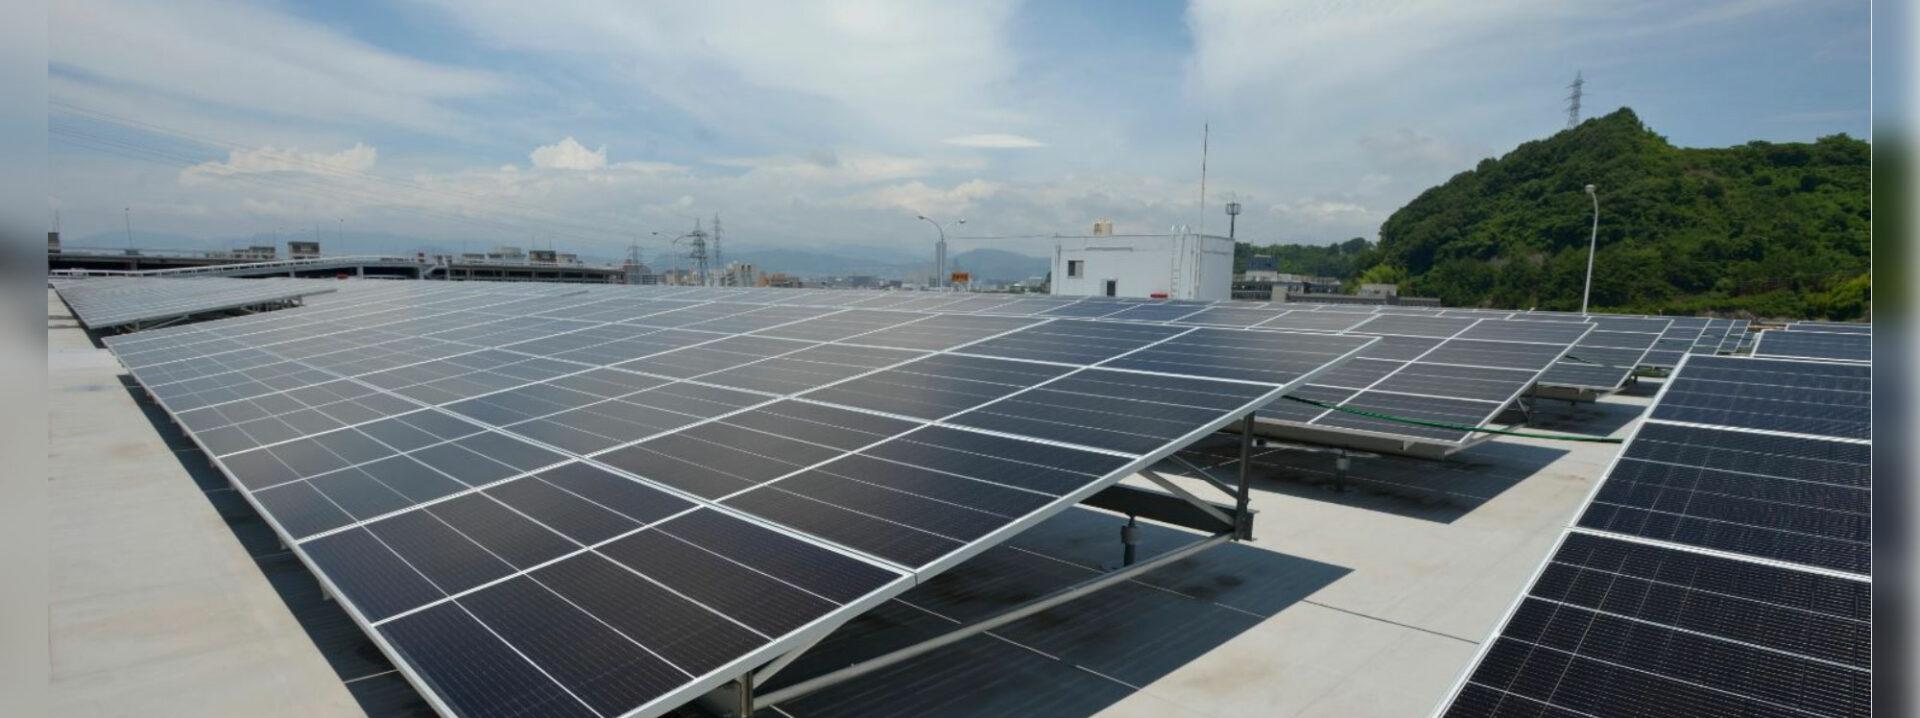 La fábrica de Mazda en Hiroshima se sustenta con energía solar